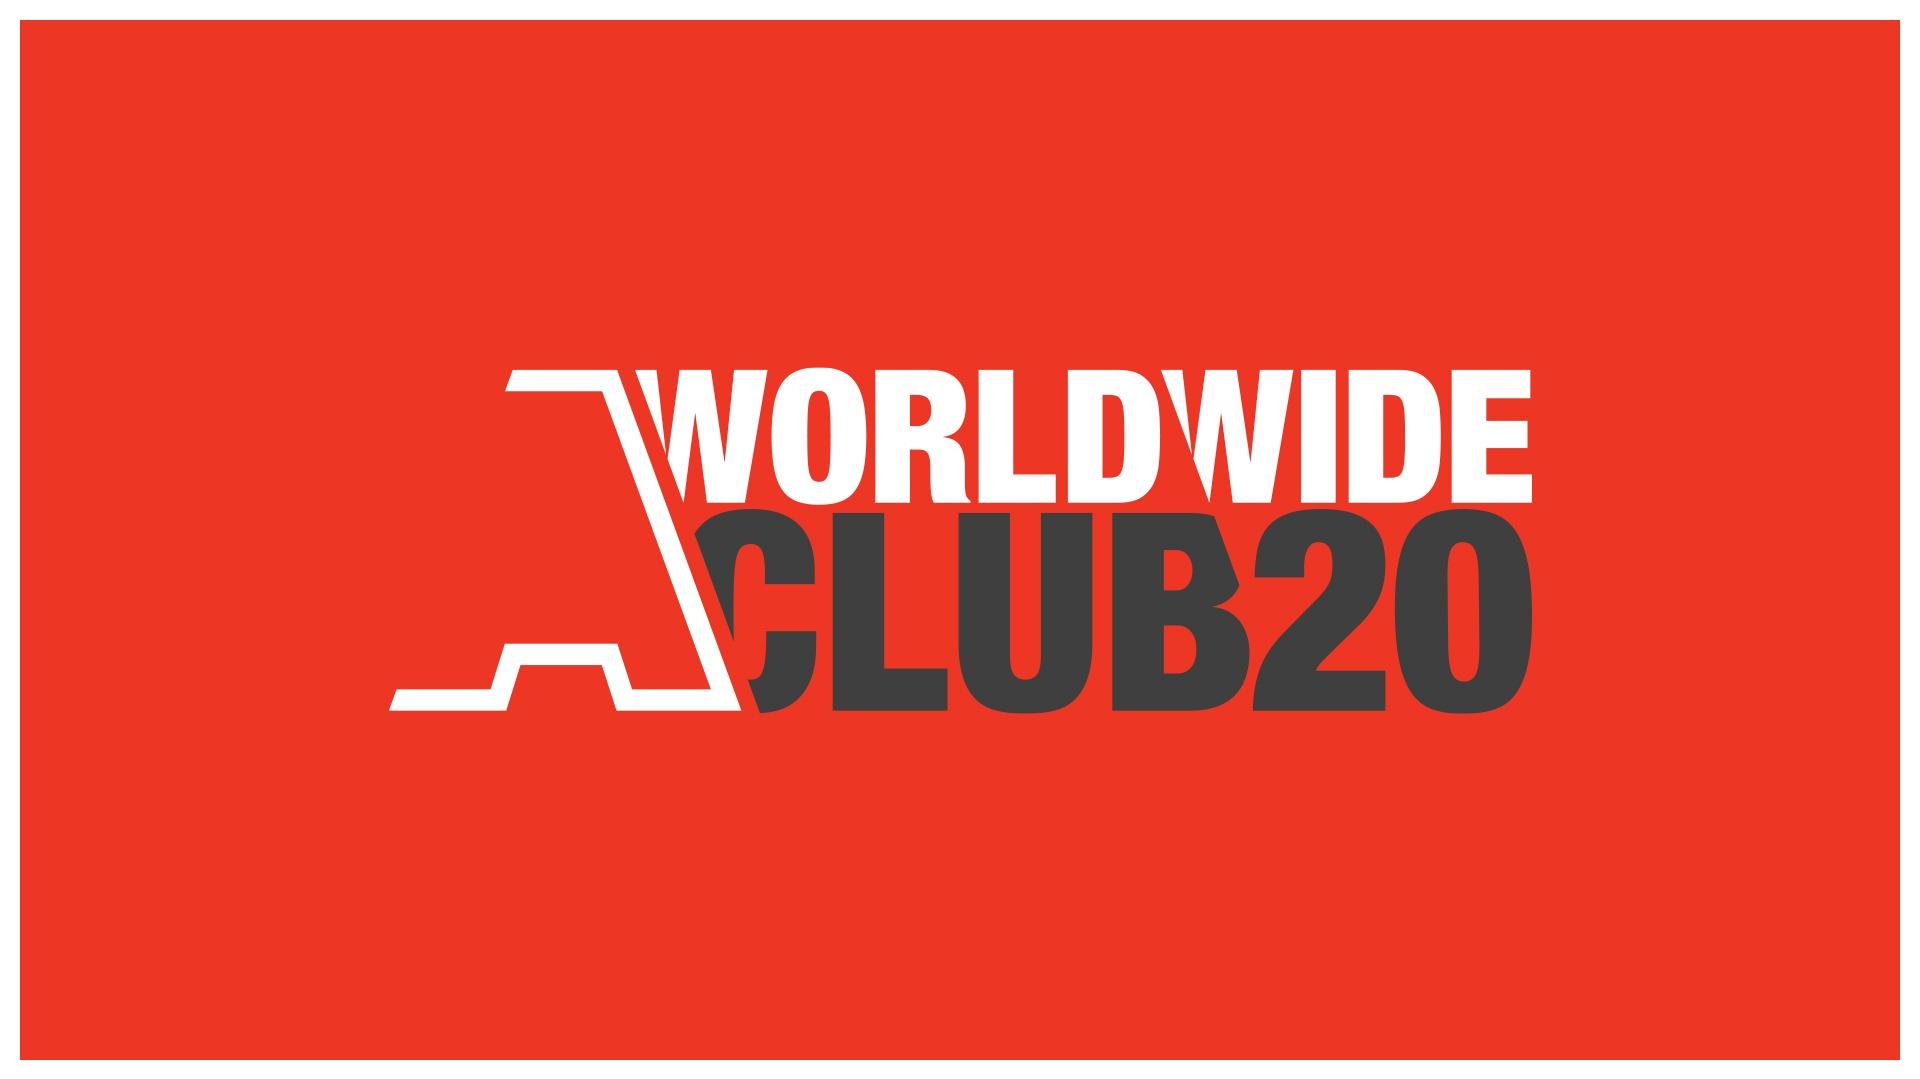 Wwc20 hitlijst